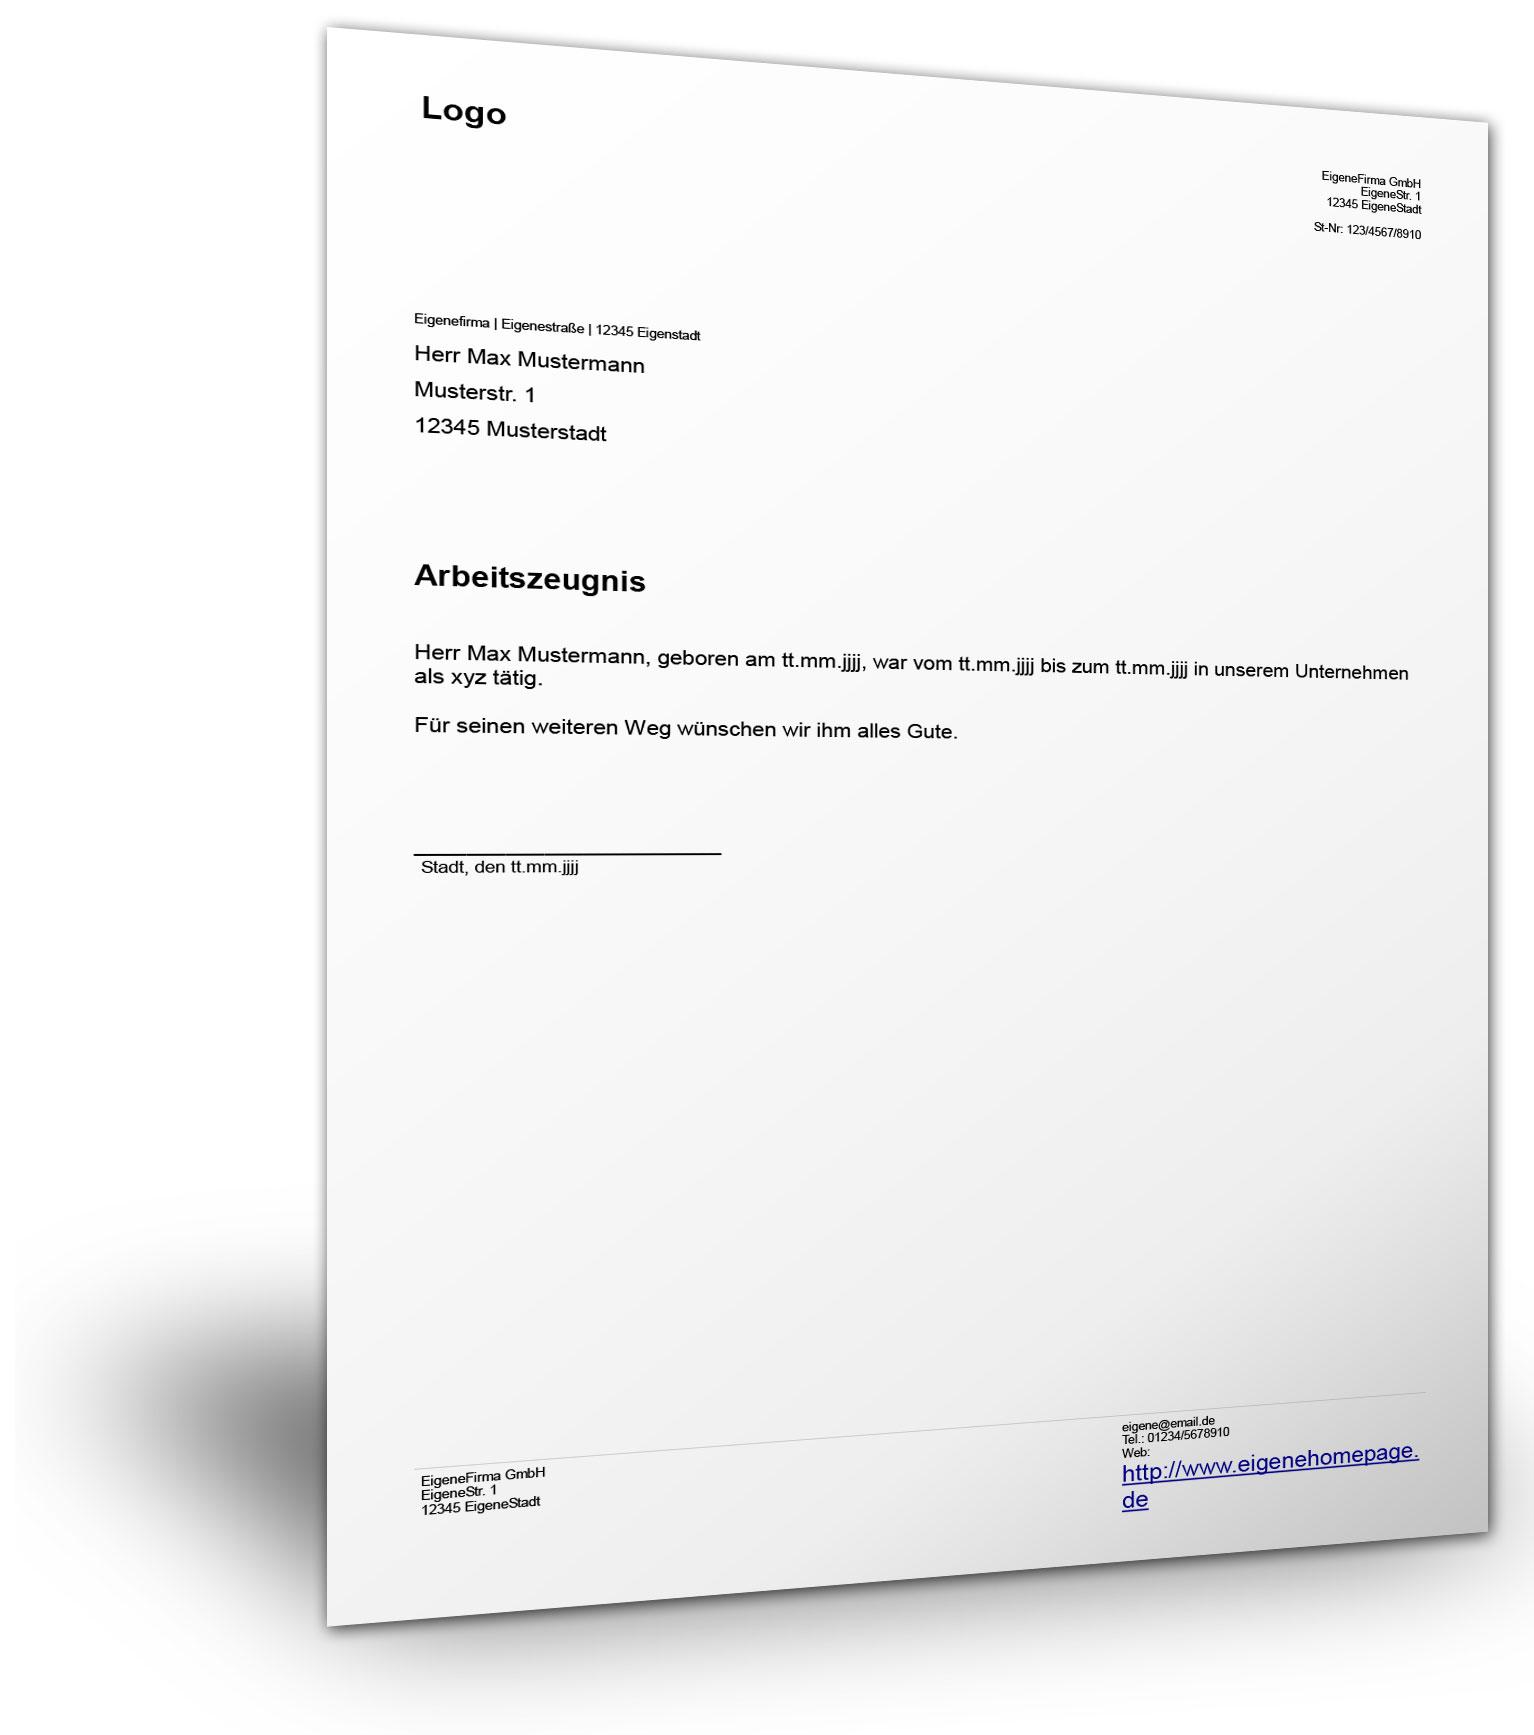 einfaches arbeitszeugnis - Arbeitszeugnis Schreiben Muster